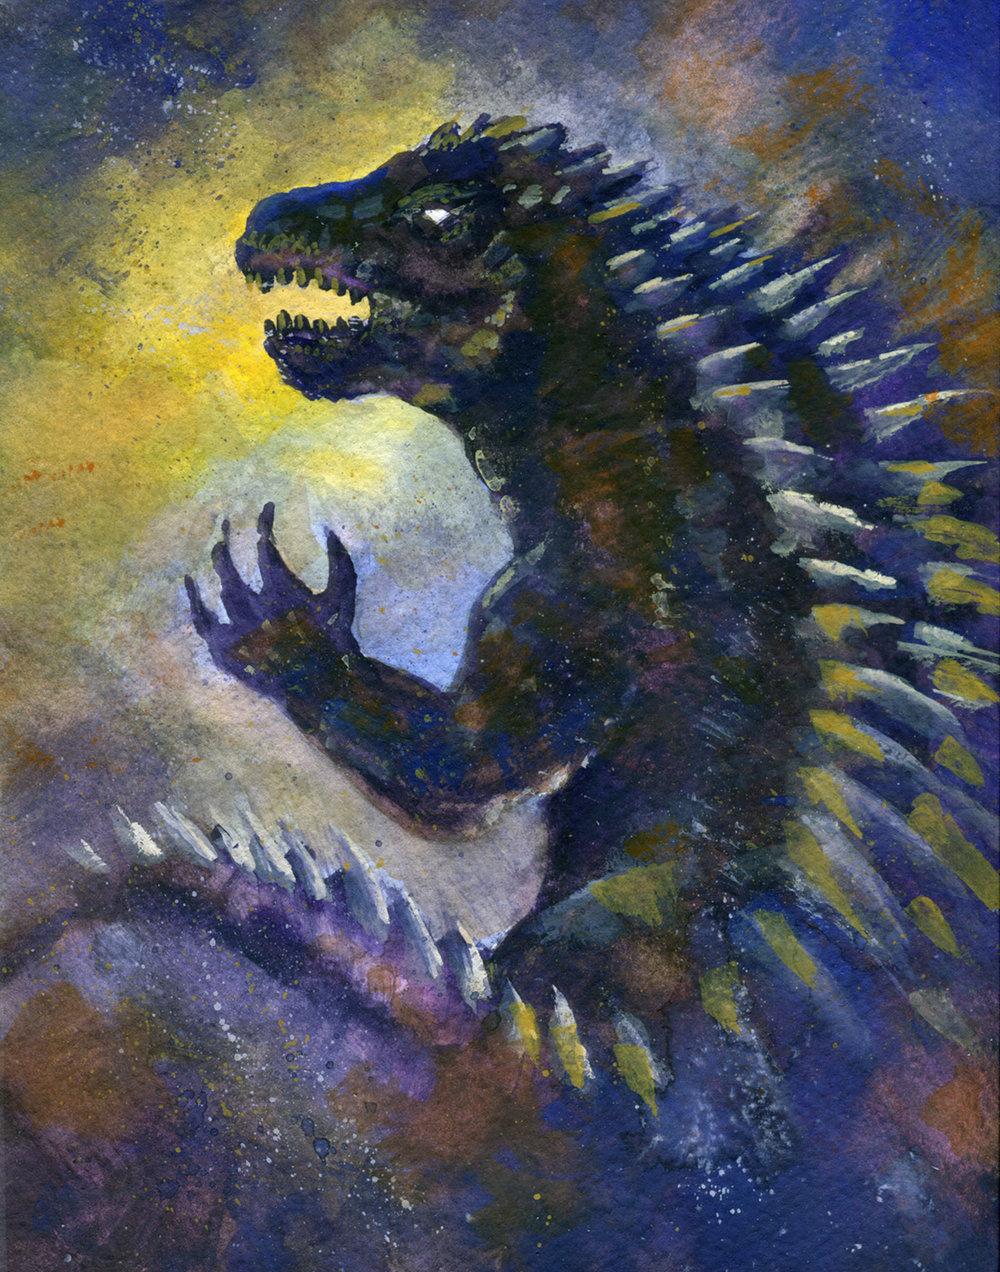 Godzilla-3nov.jpg